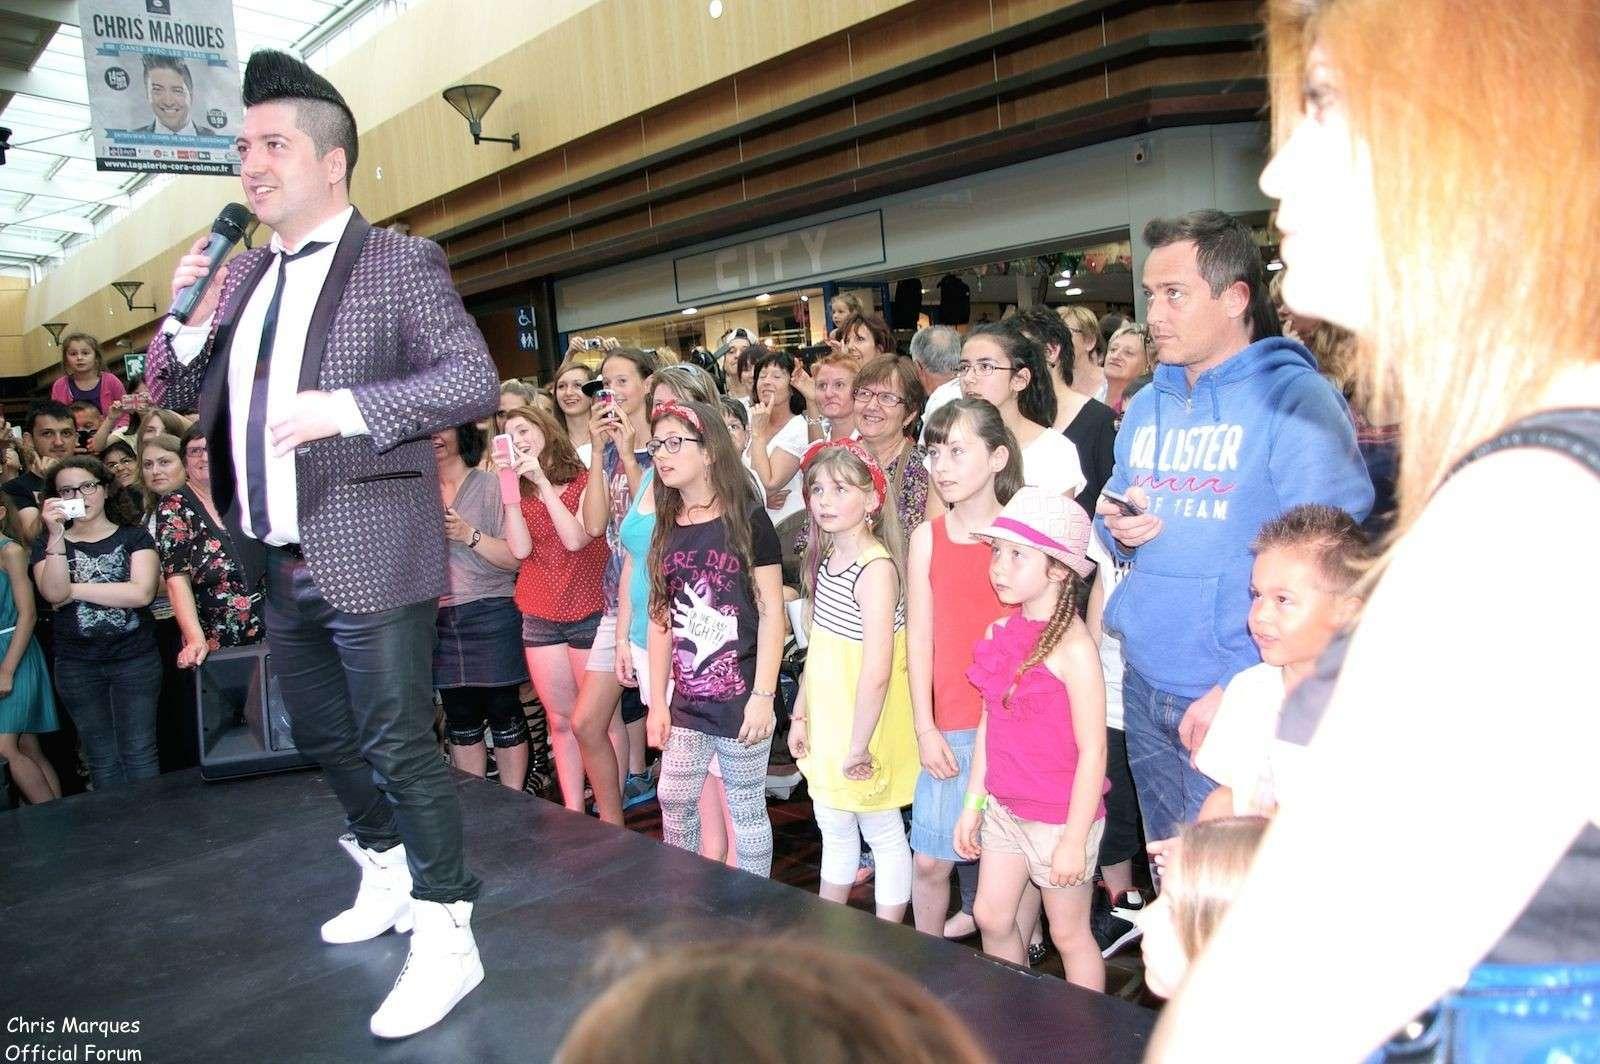 [14.06.2014] Evénement à #Colmar Chris Marques et Jaclyn Spencer pour un Flashmob/Cours de Danse/Dédicaces exceptionnels le tout organisé par la MJC de Colmar 8711